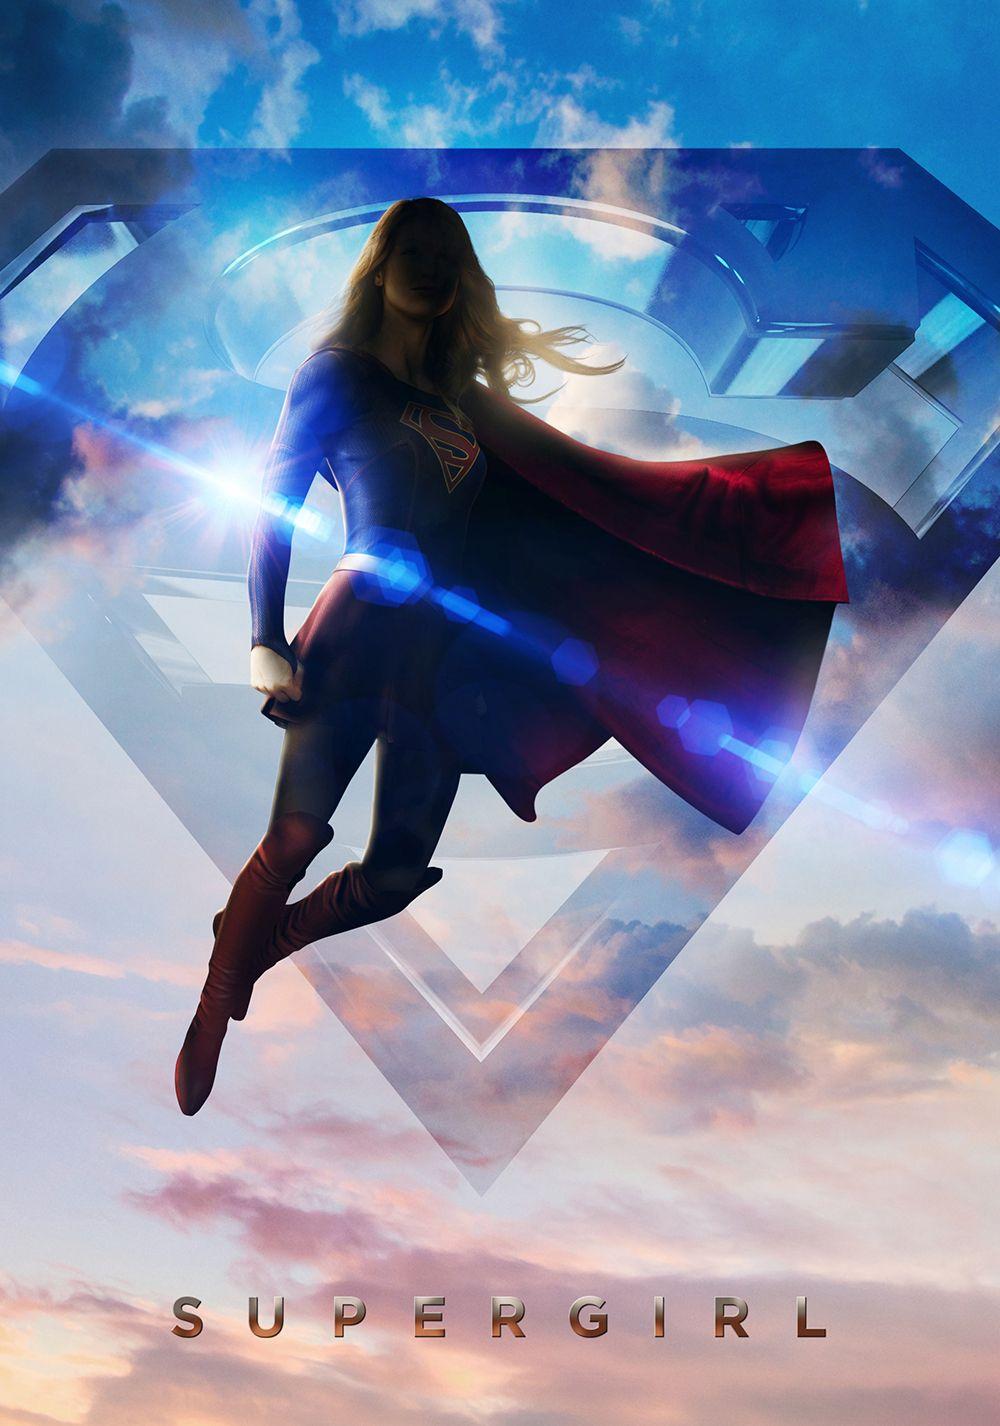 """Detalhes para """"Supergirl - S01E01 [2015 - WEB-DL/720p/AC3] [Dual Audio]"""""""